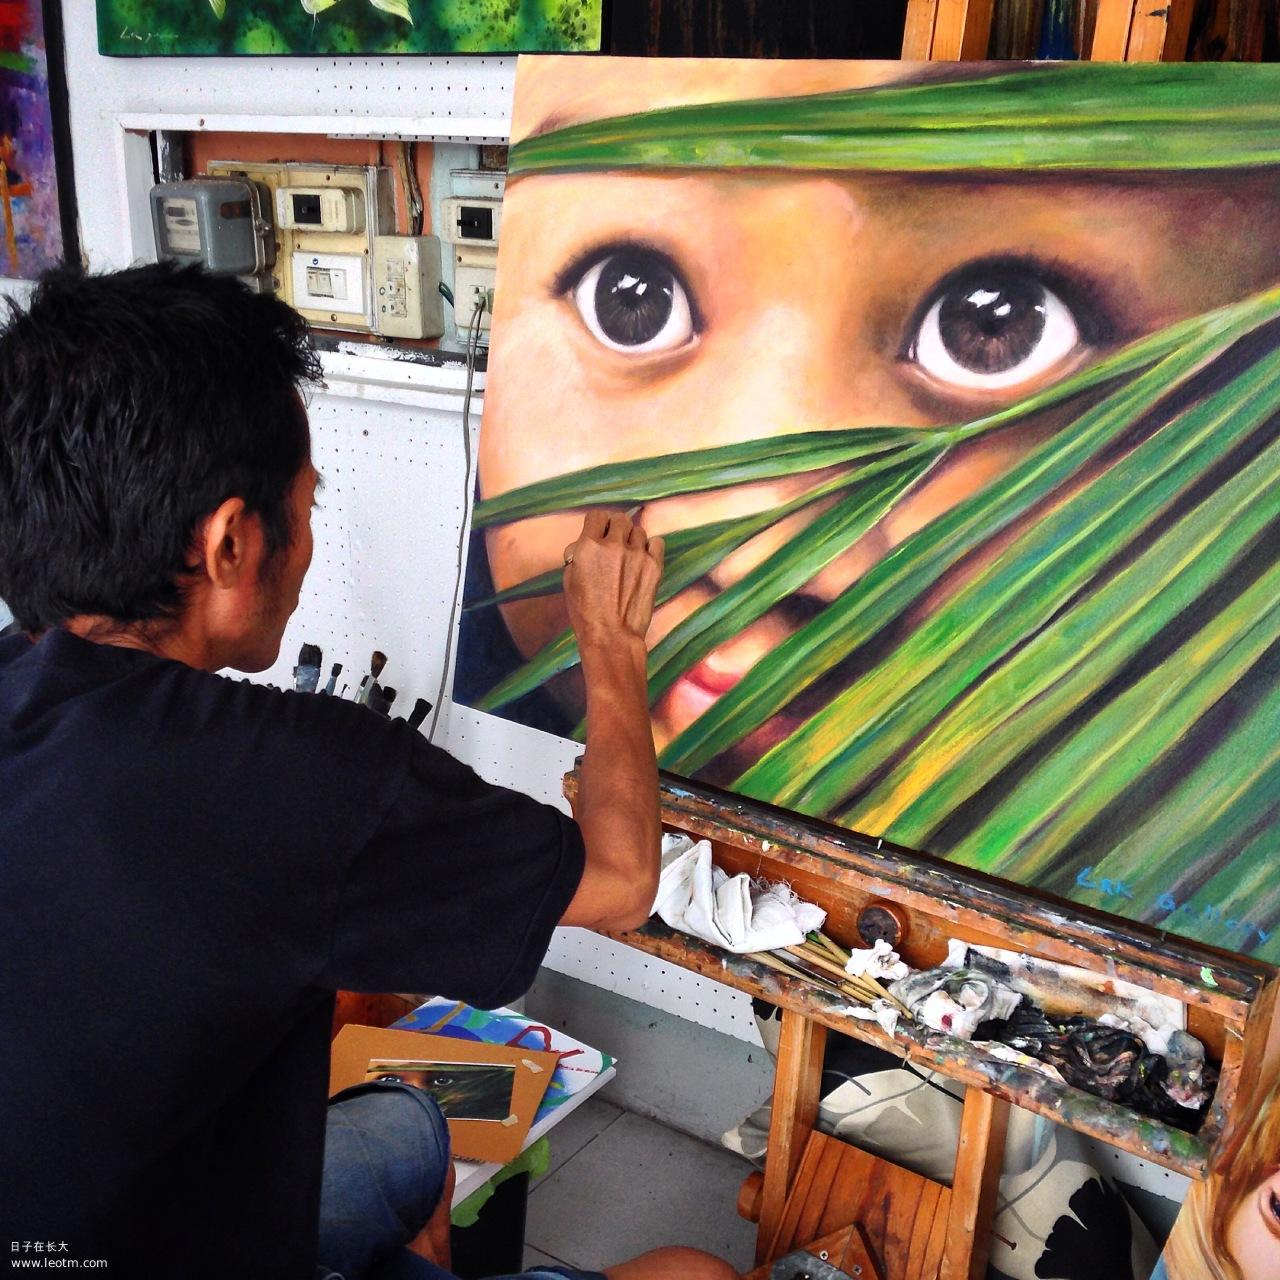 在一个以纹身为主的小巷子里,发现这个画家再完成他的化作,看这眼睛多美~